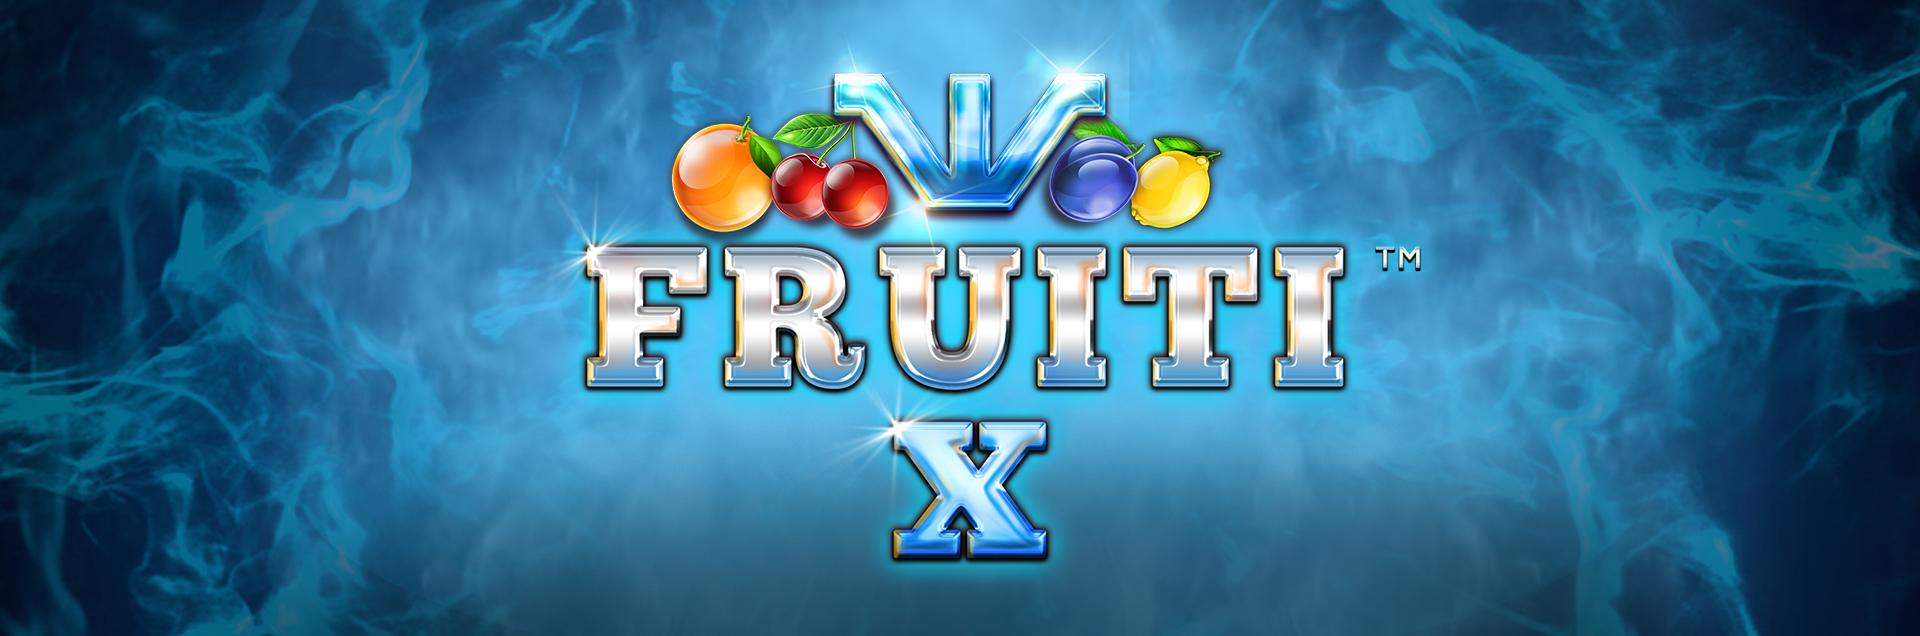 FruitiX games header